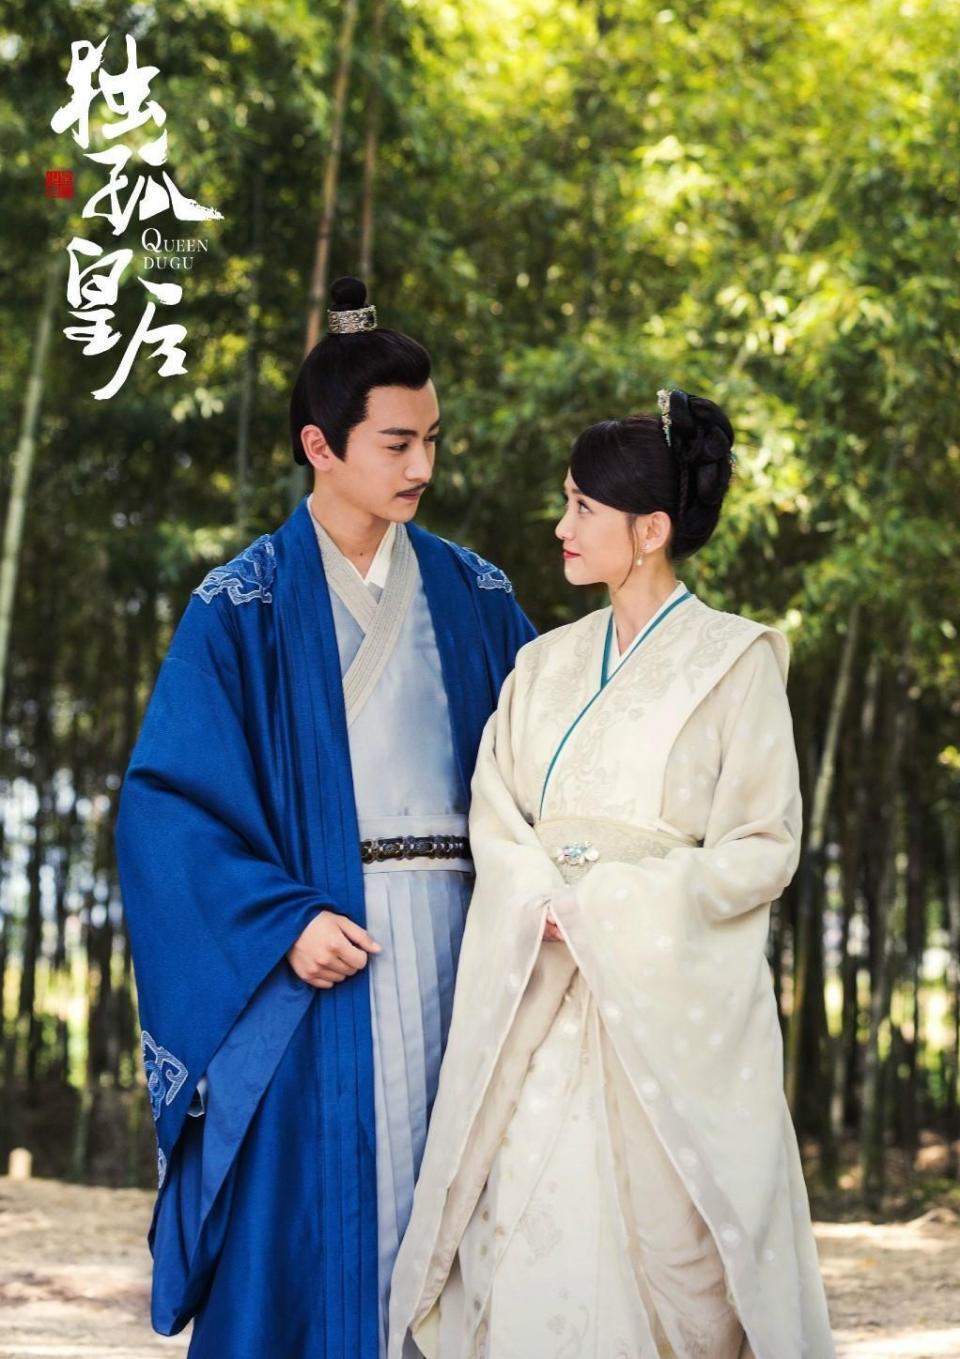 陈乔恩的独孤皇后迟迟未能播出,原因竟是被baby拖累了?